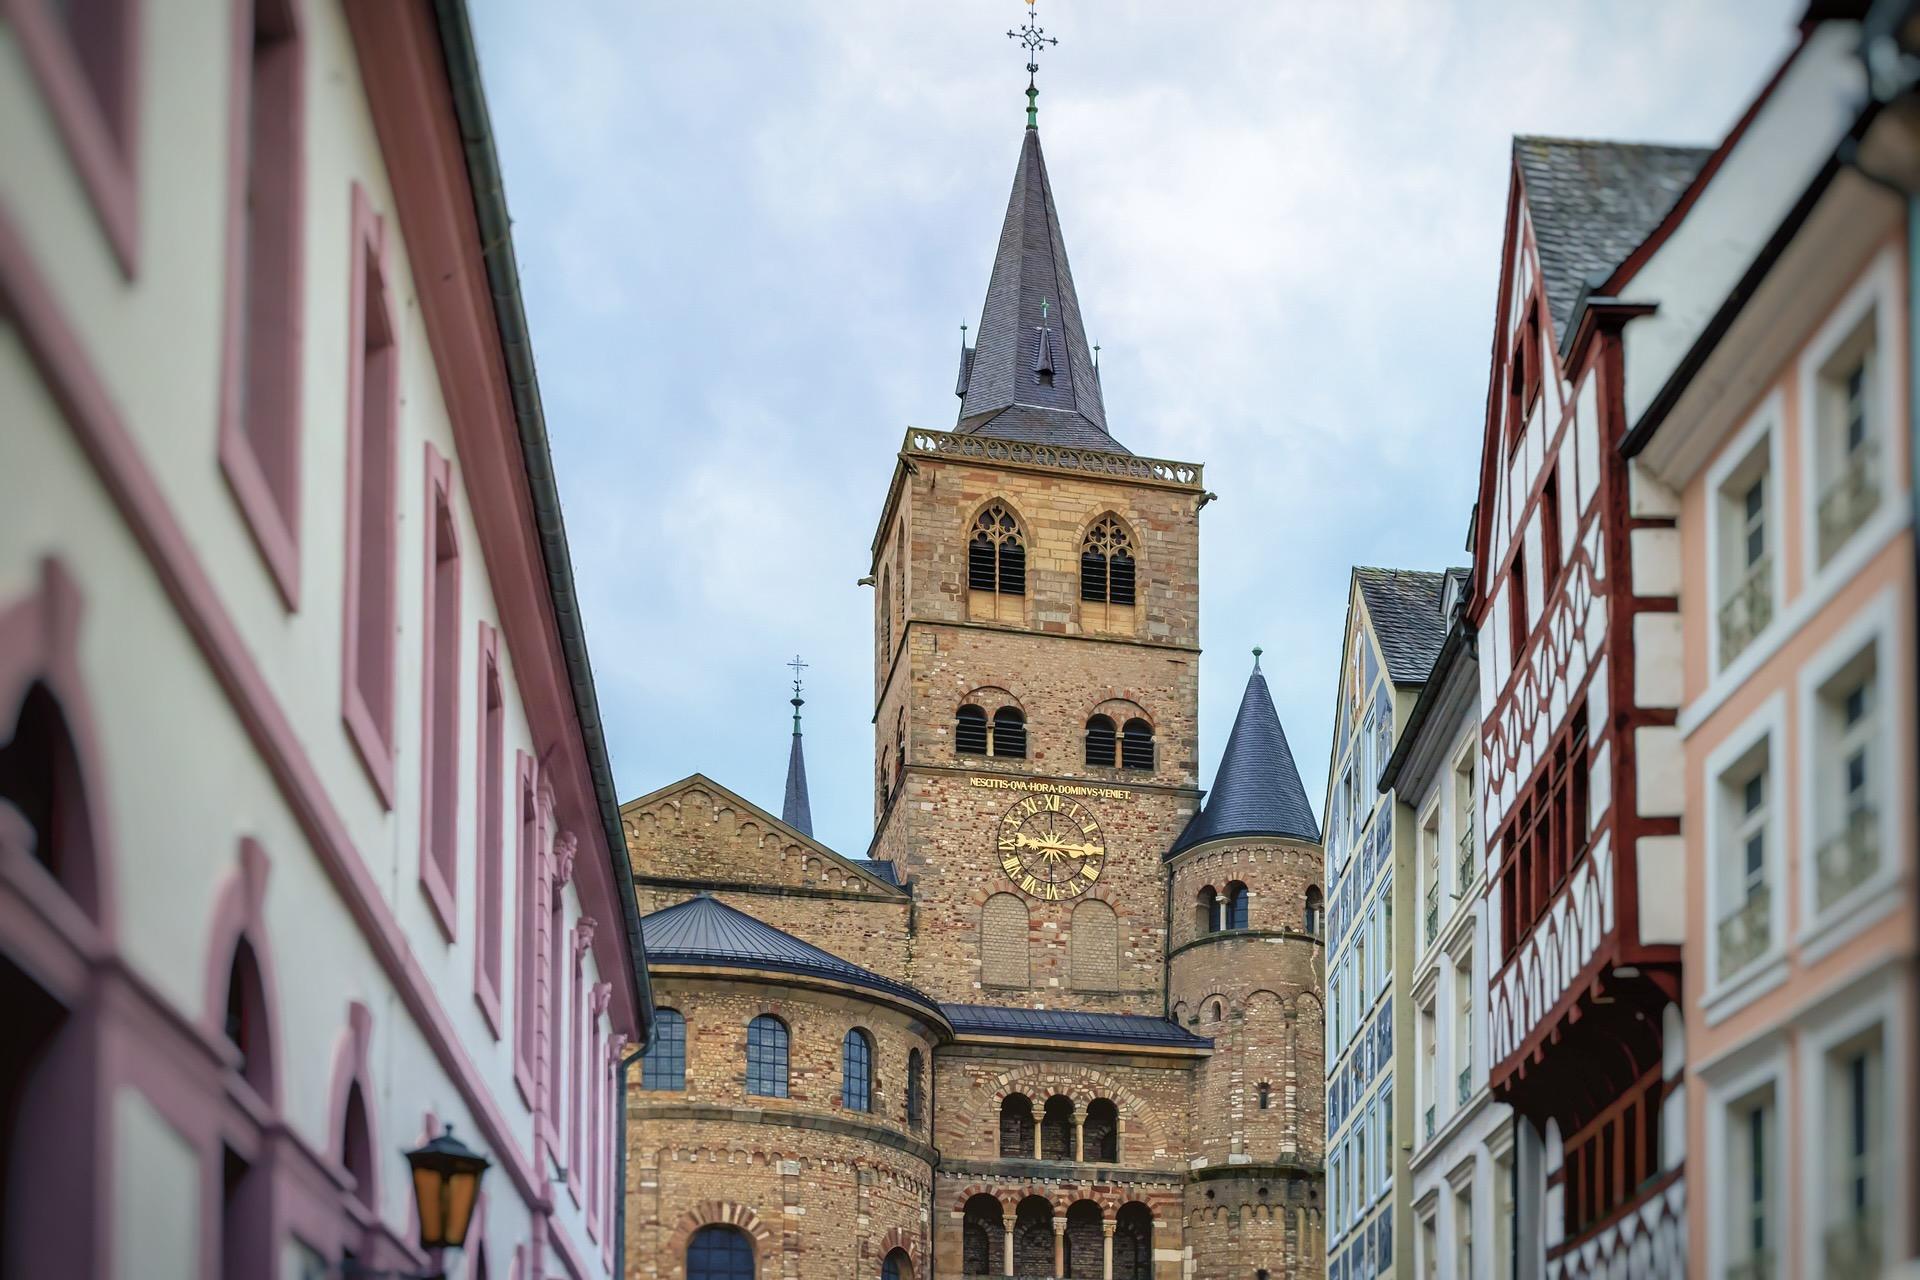 Die Stadt Trier ist eine der schönsten